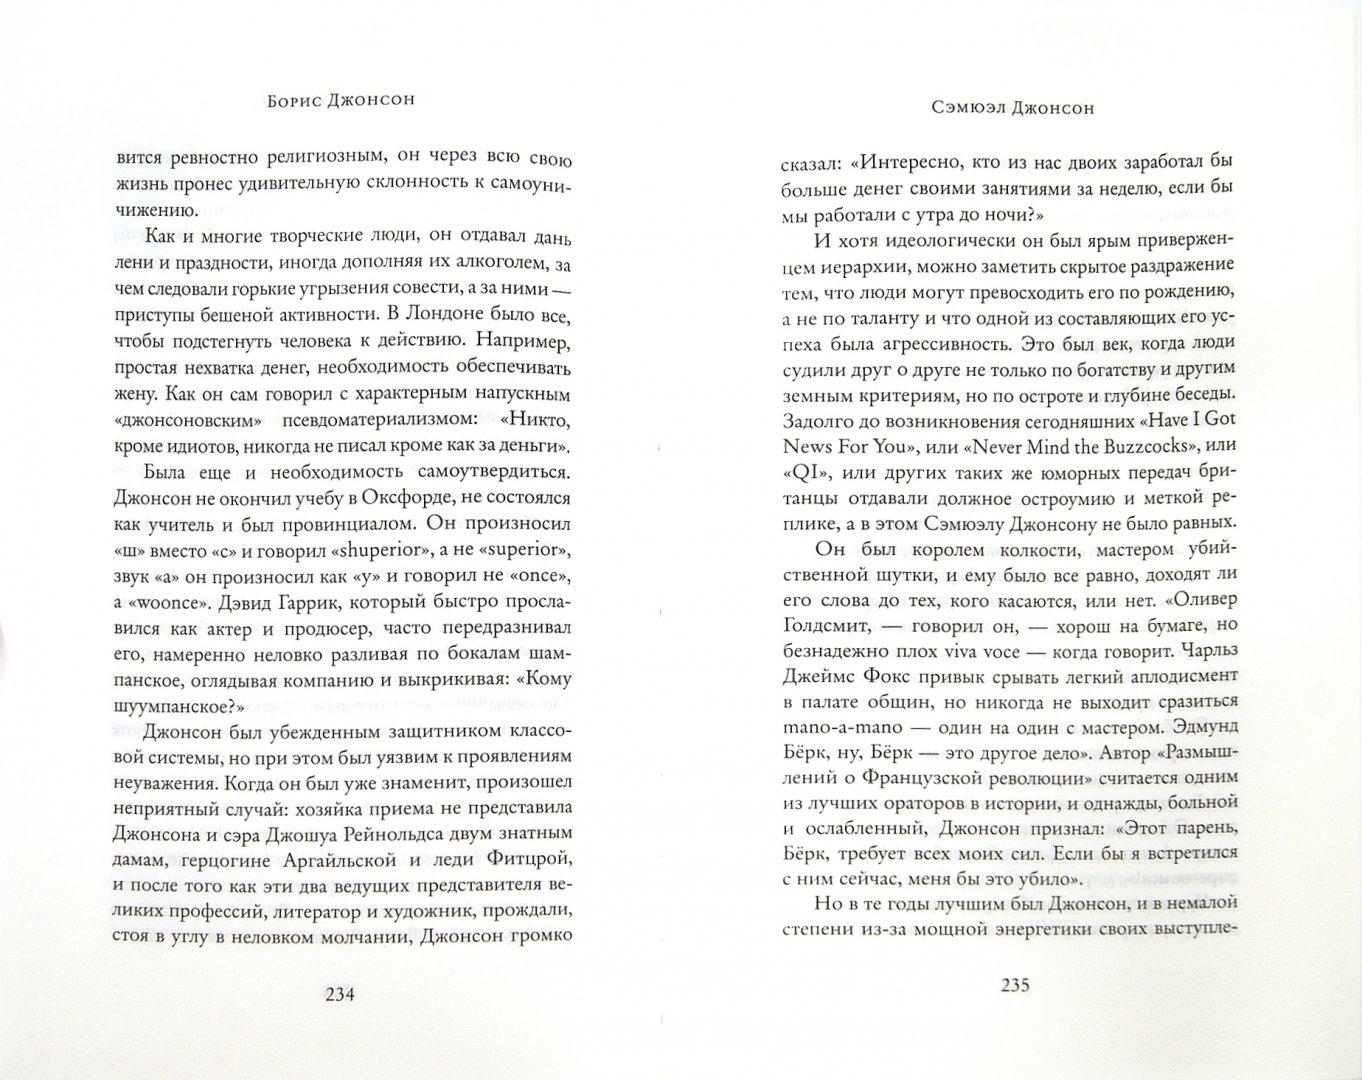 Иллюстрация 1 из 8 для Лондон по Джонсону: О людях, которые сделали город, который сделал мир - Борис Джонсон | Лабиринт - книги. Источник: Лабиринт